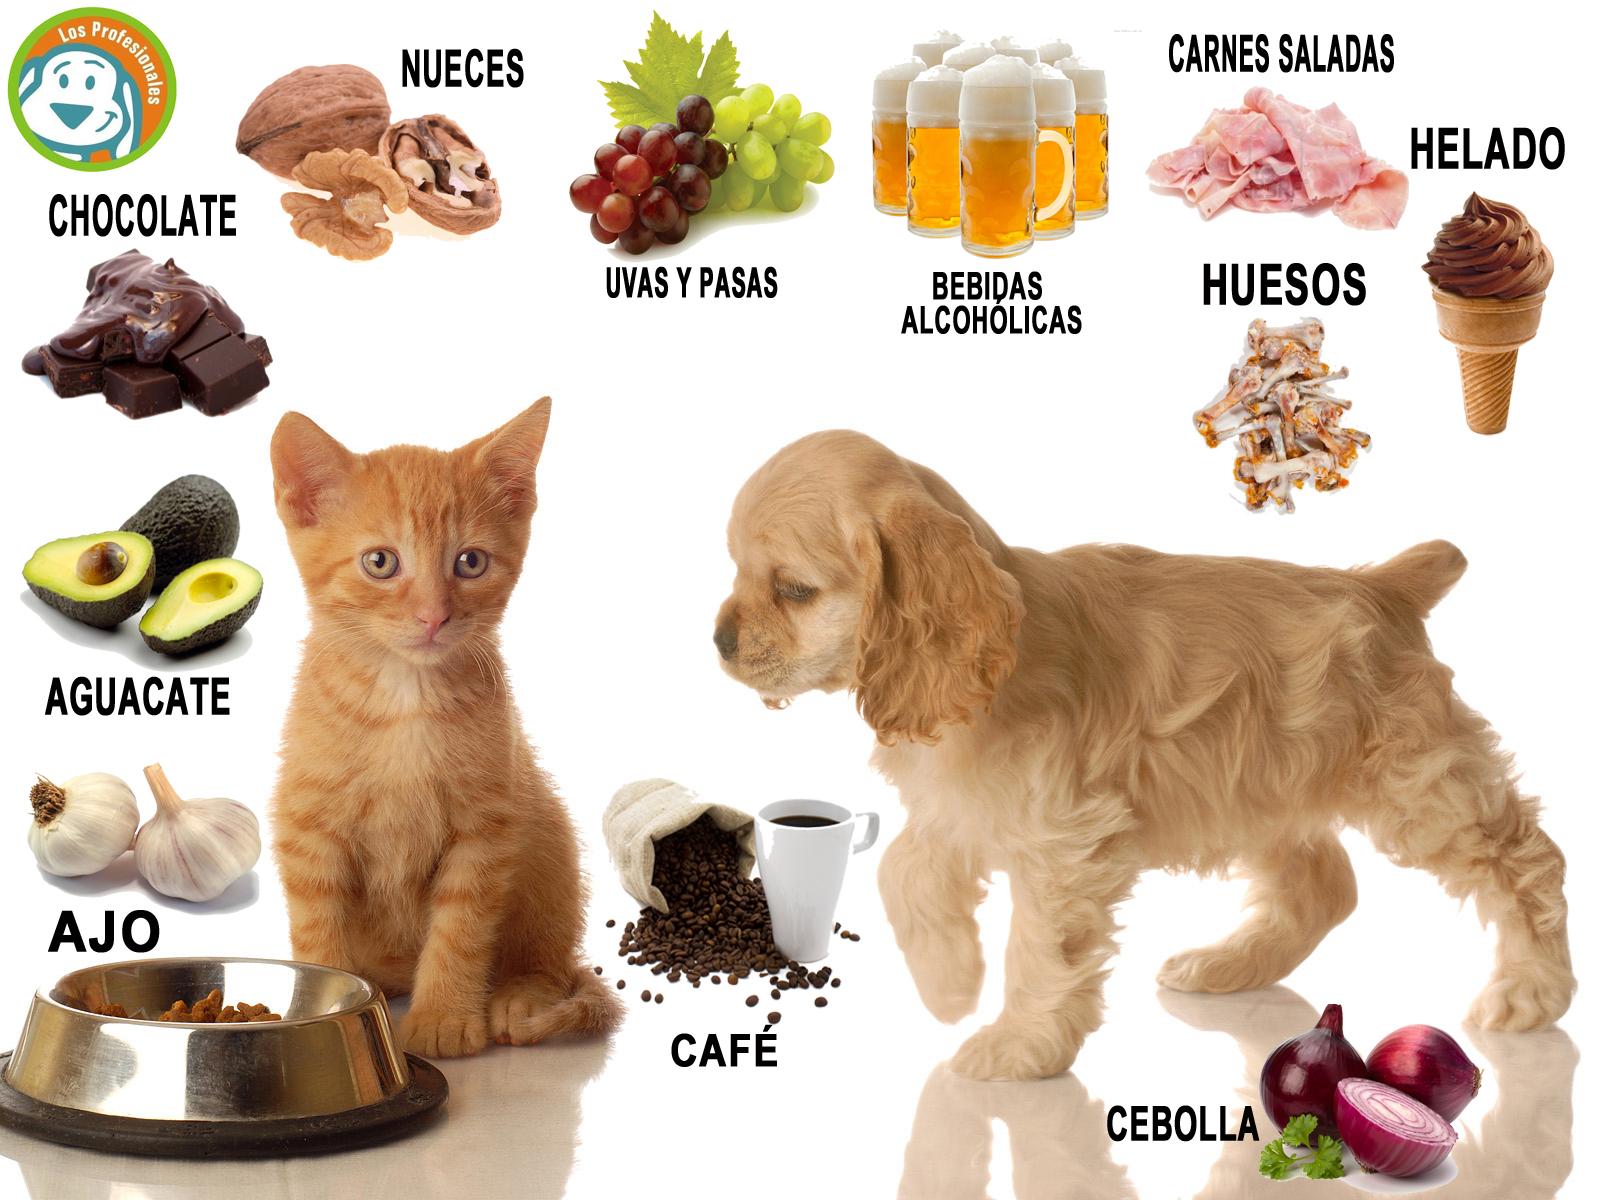 El blog de bi logos y veterinarios alimentos da inos para nuestras mascotas - Alimentos recomendados para perros ...